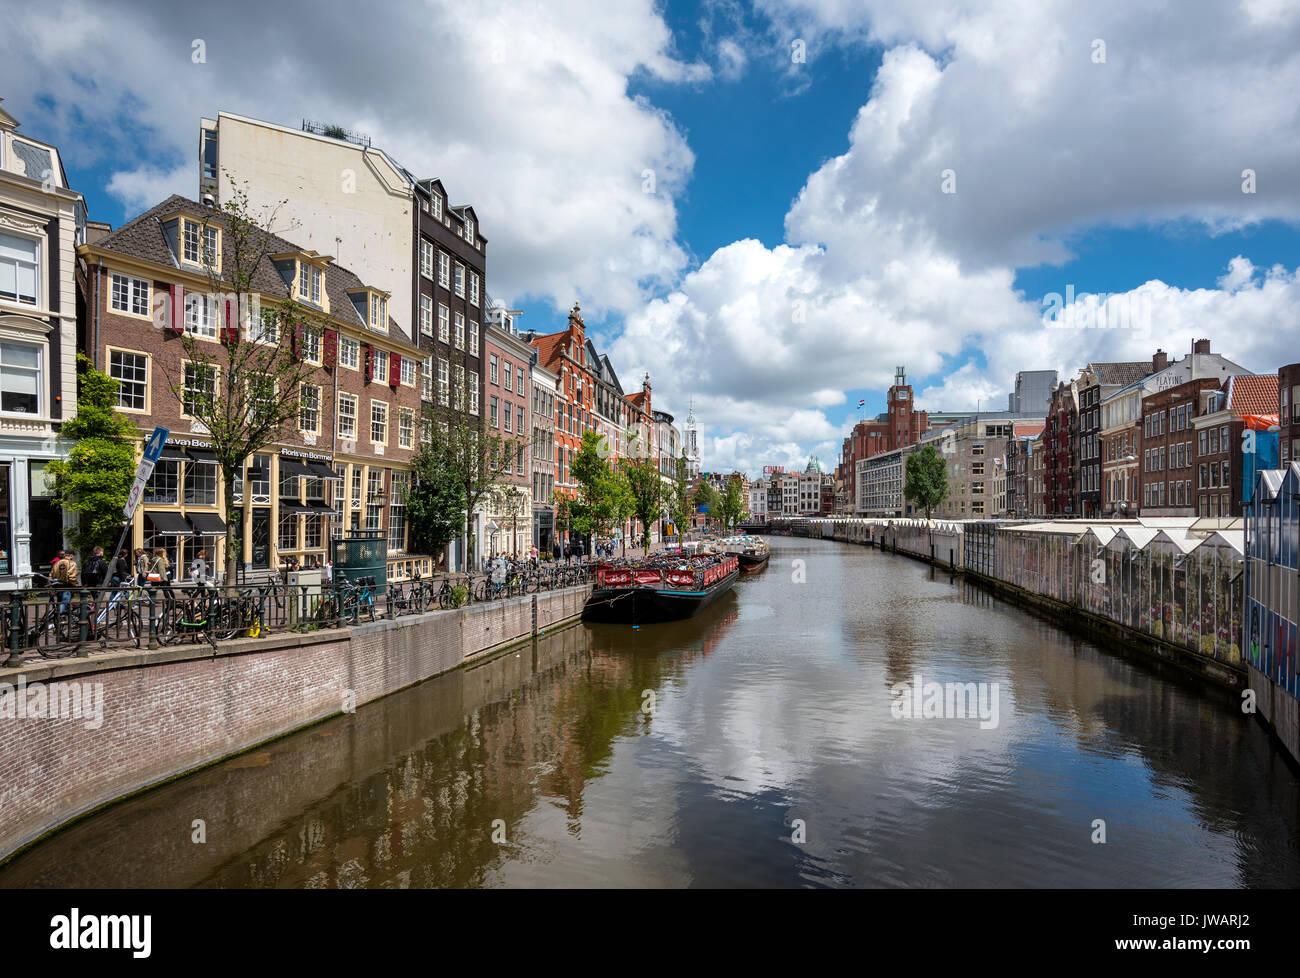 Il Singelgracht a Bloomenmarkt, Amsterdam, Olanda Settentrionale, Paesi Bassi Immagini Stock